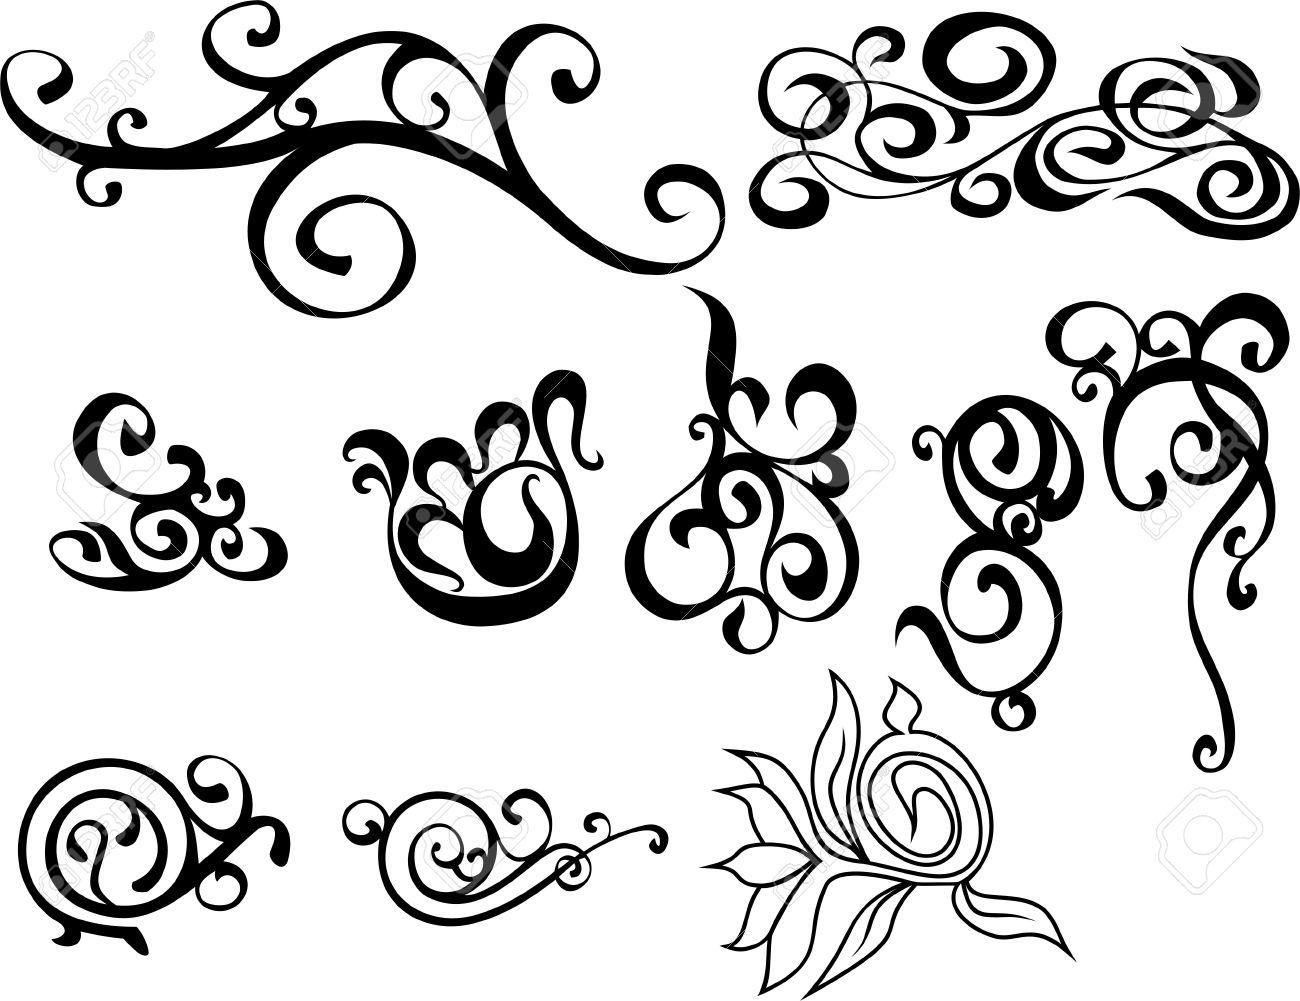 Original black and white decorative ornaments stock vector 4962661